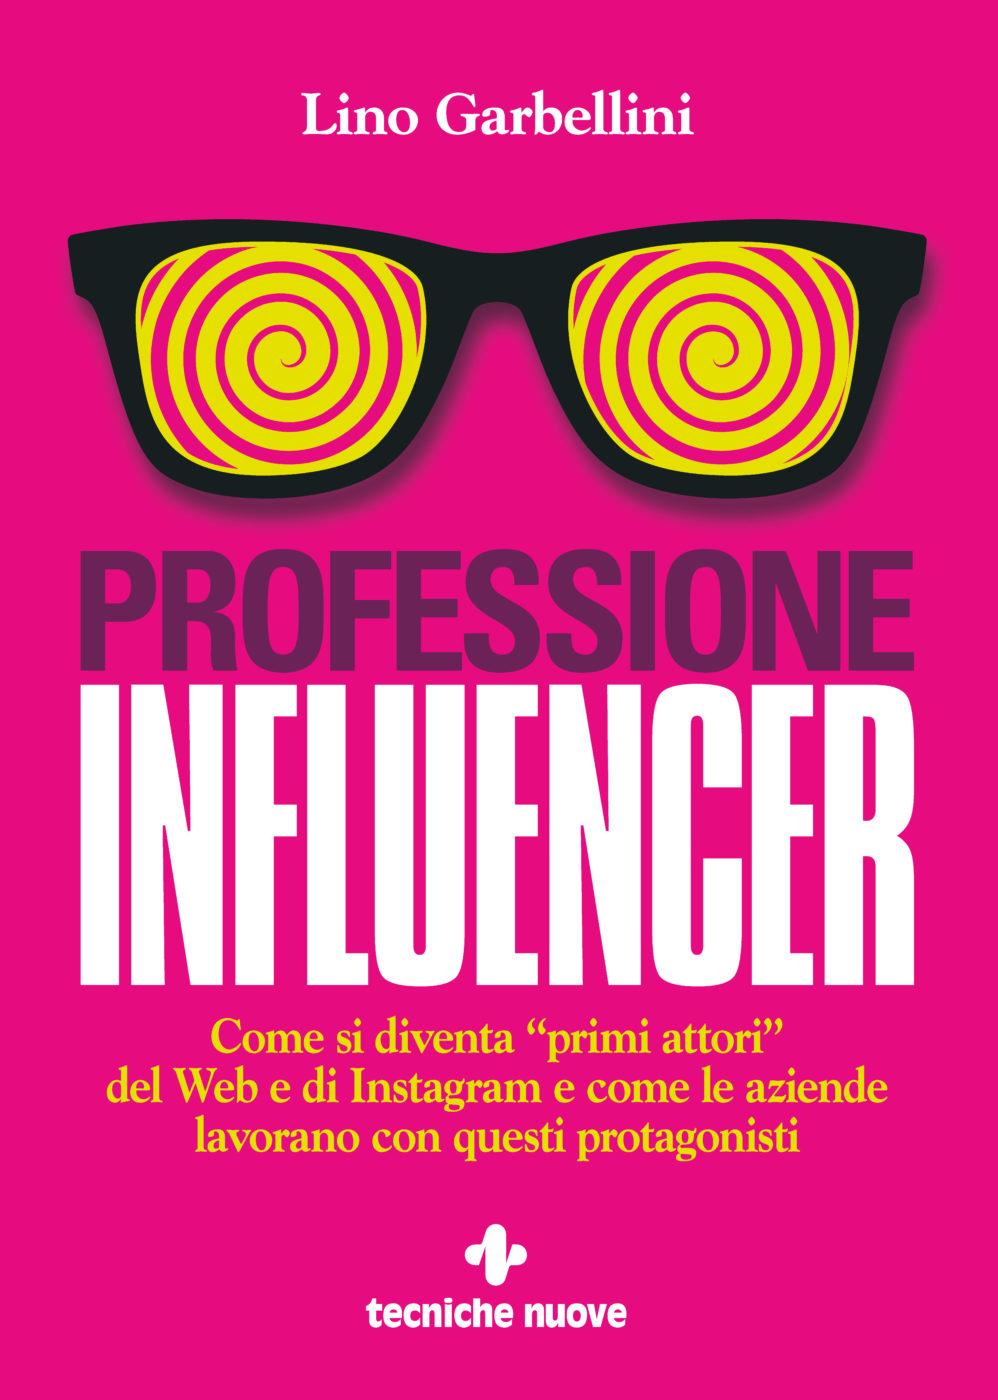 Il libro Professione Influencer, edito da Tecniche Nuove